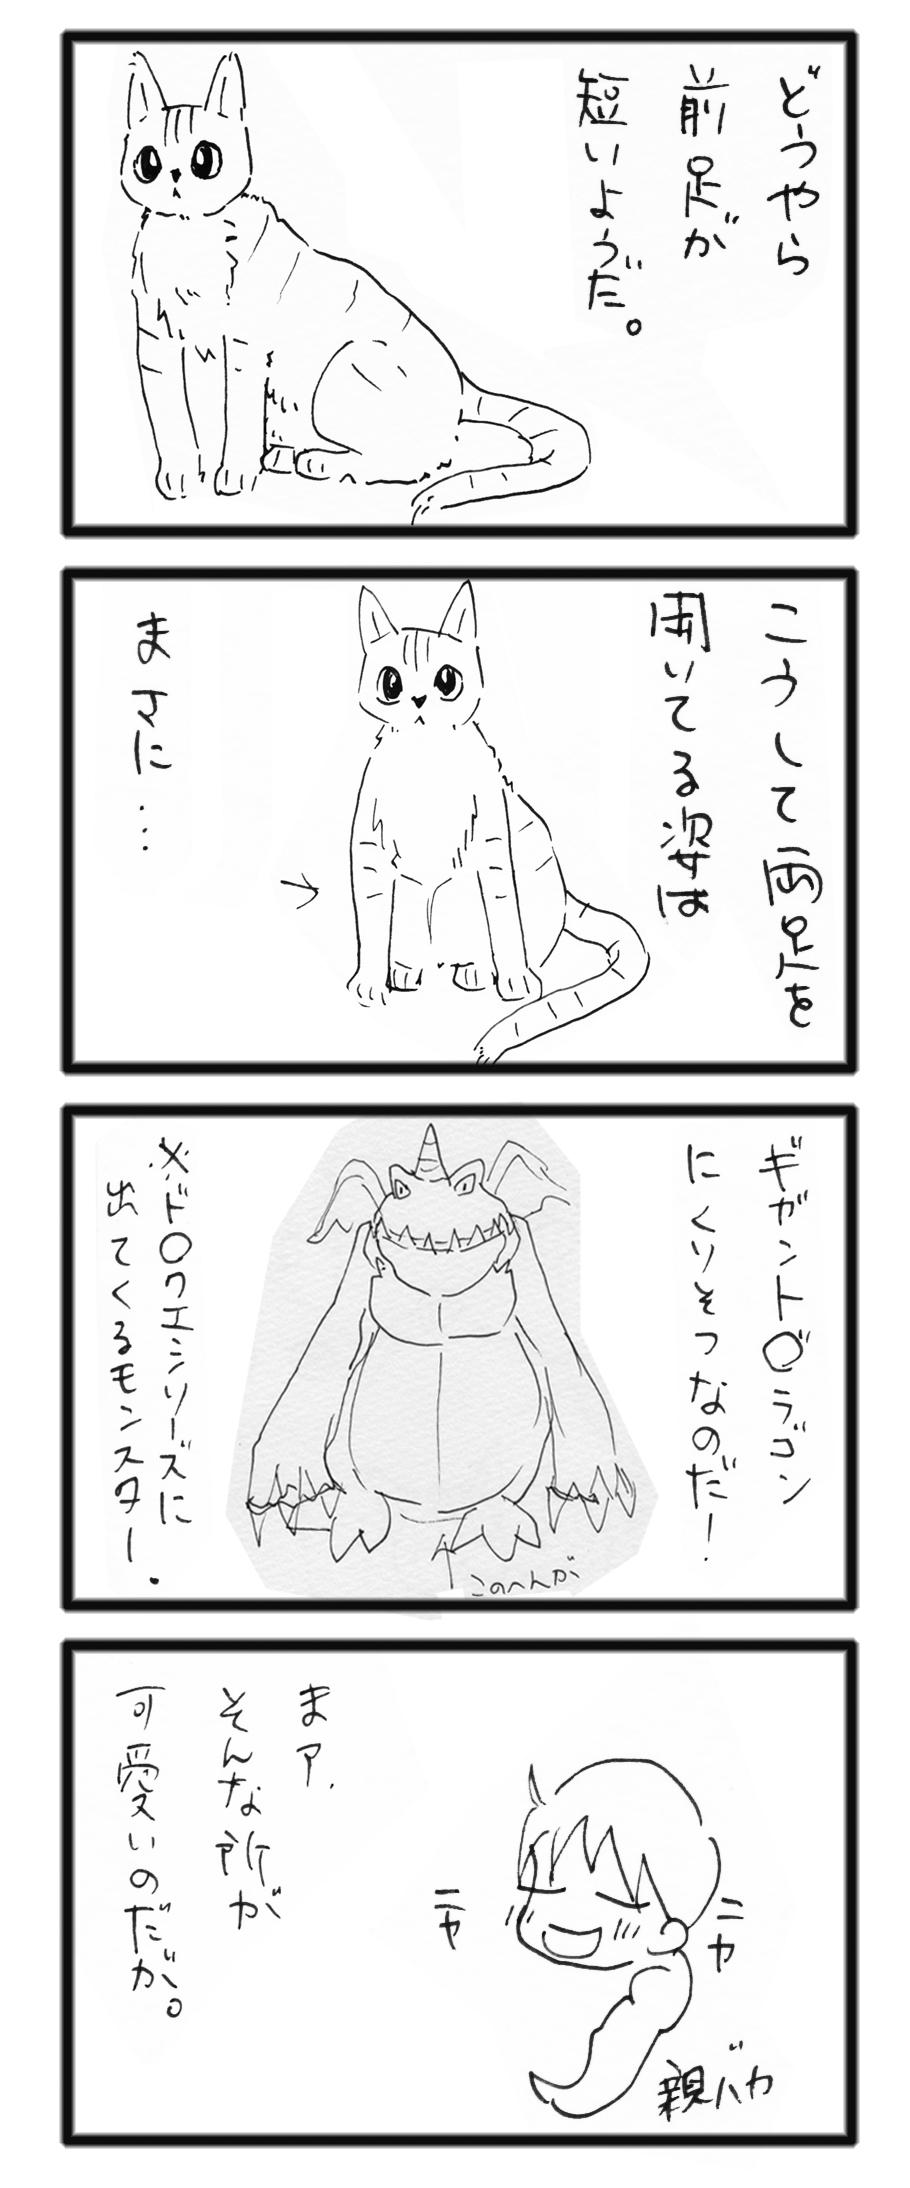 comic_2013091503.jpg